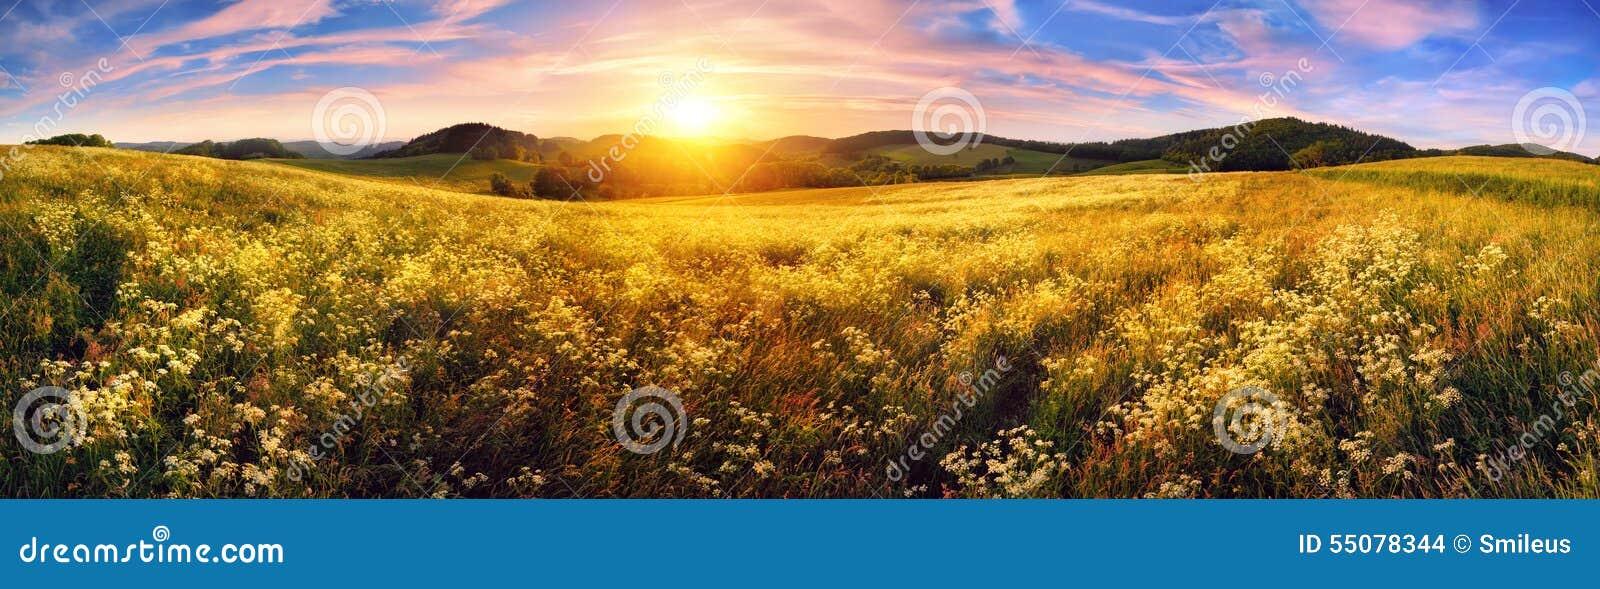 Πανόραμα ενός ζωηρόχρωμου ηλιοβασιλέματος στο όμορφο λιβάδι